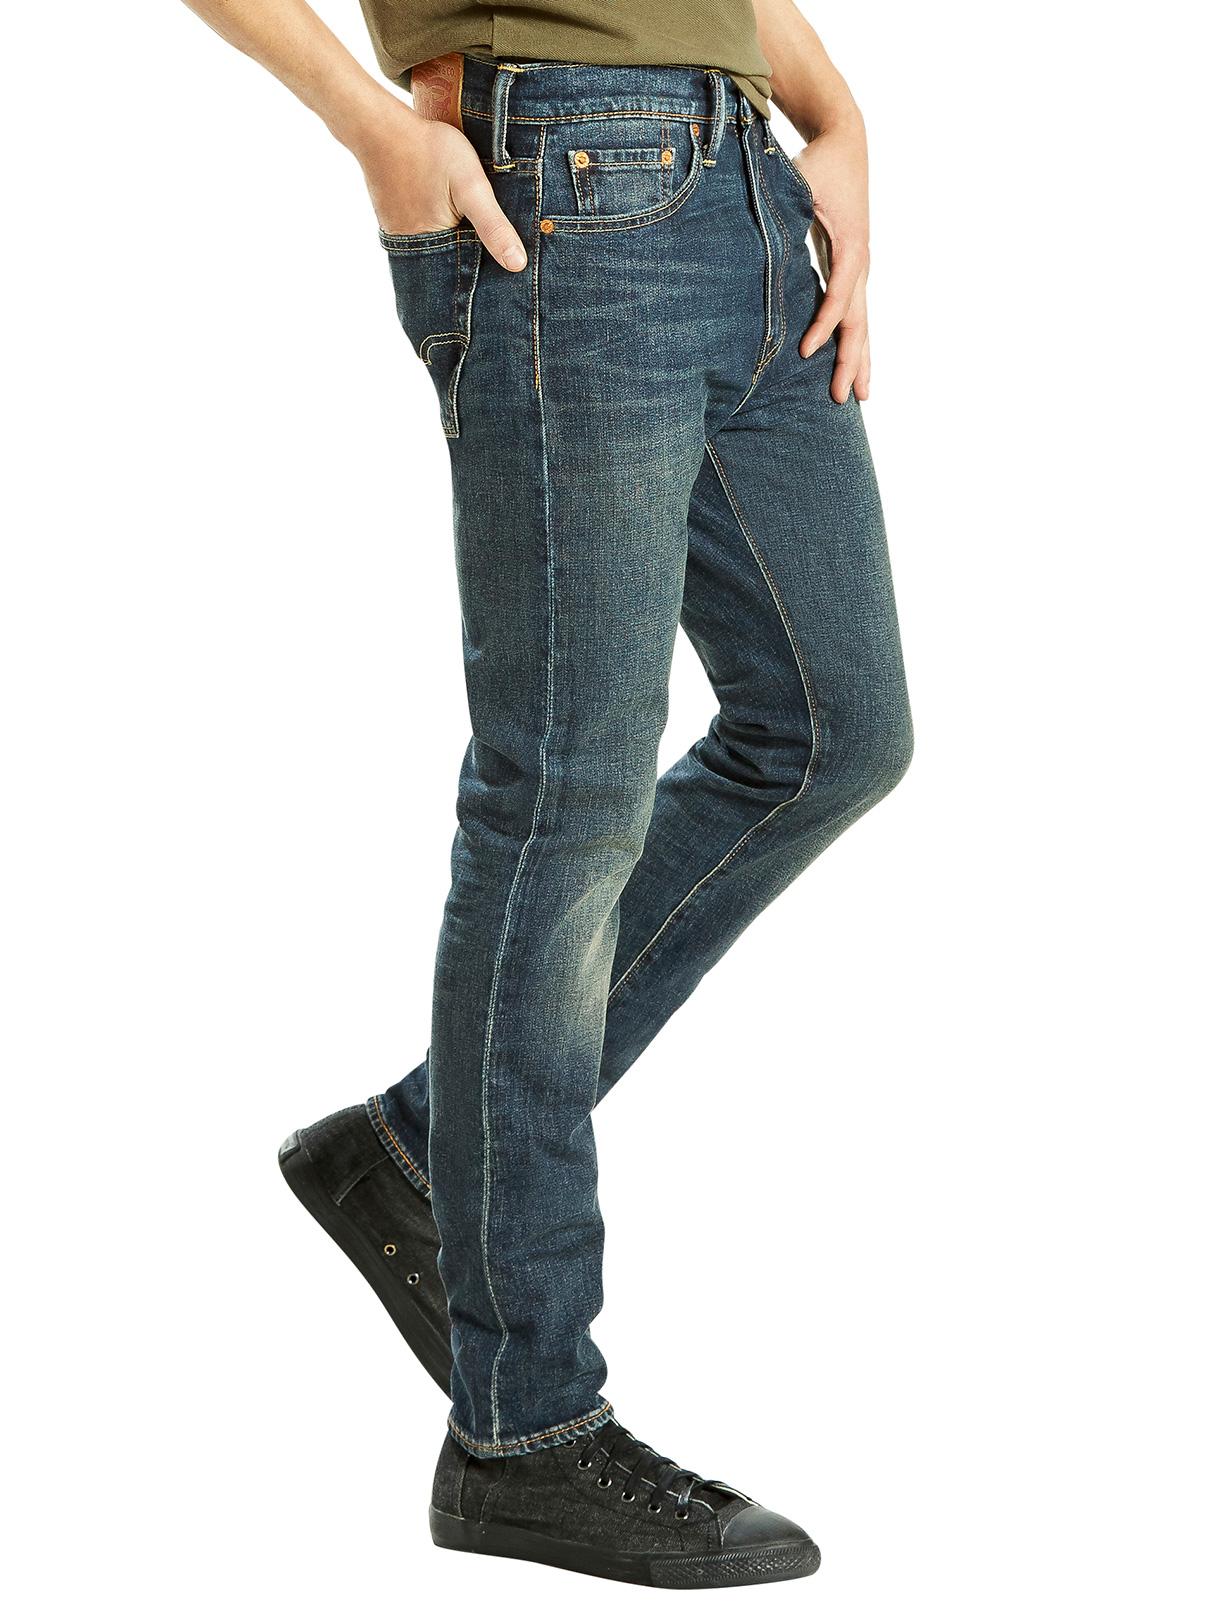 55af7bf0 Levi's Dark Denim 510 Skinny Fit Madison Square Jeans   Standout